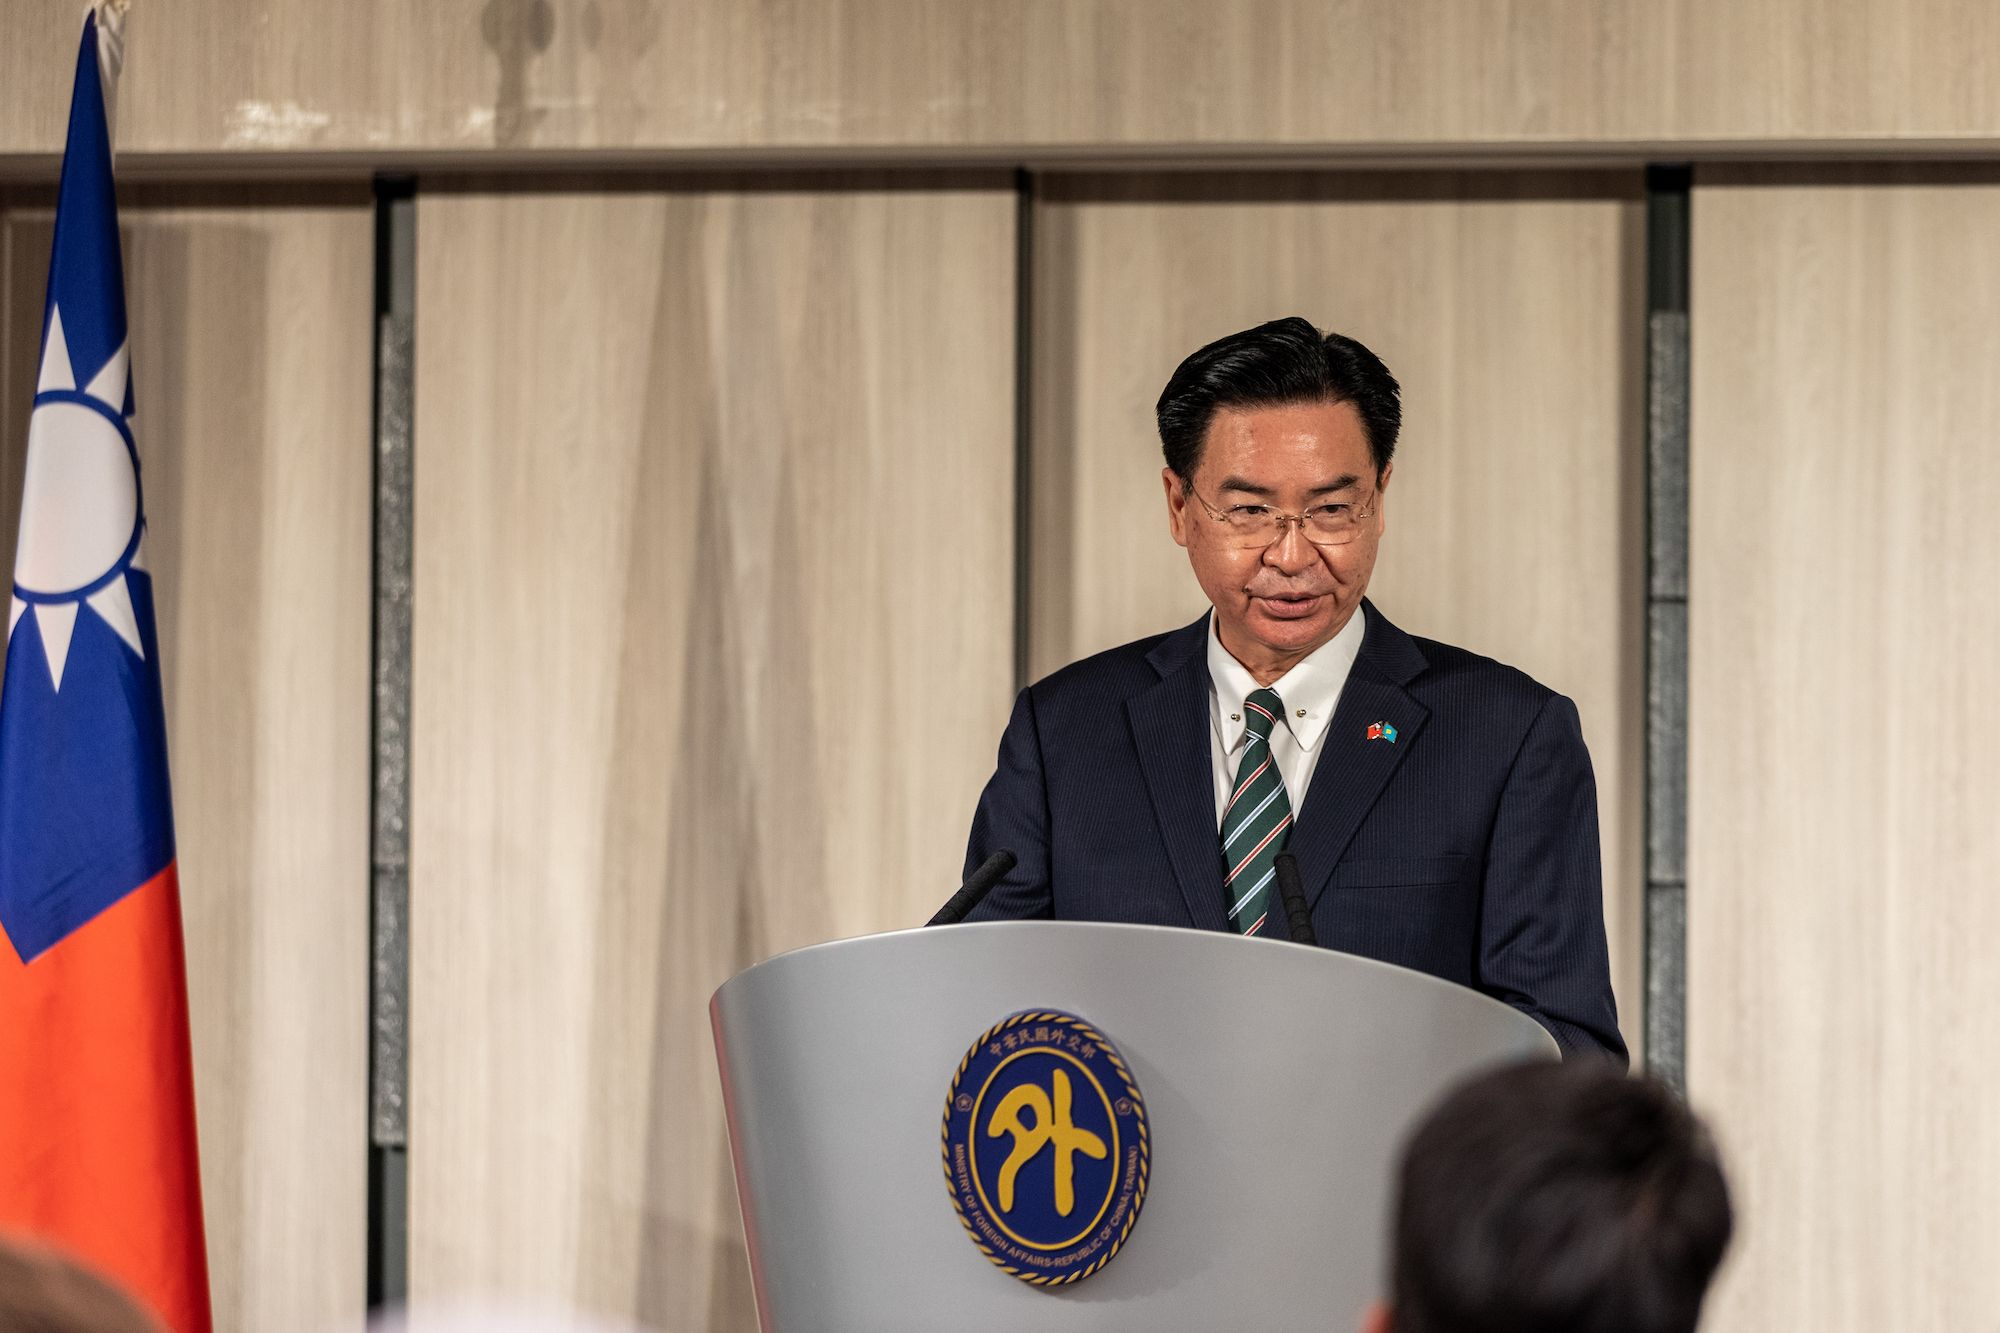 Jaushieh Joseph Wu,  ministro degli Esteri della Repubblica di Cina (Taiwan), marzo 2021. (Foto: Jose Lopes Amaral/NurPhoto via Getty Images).